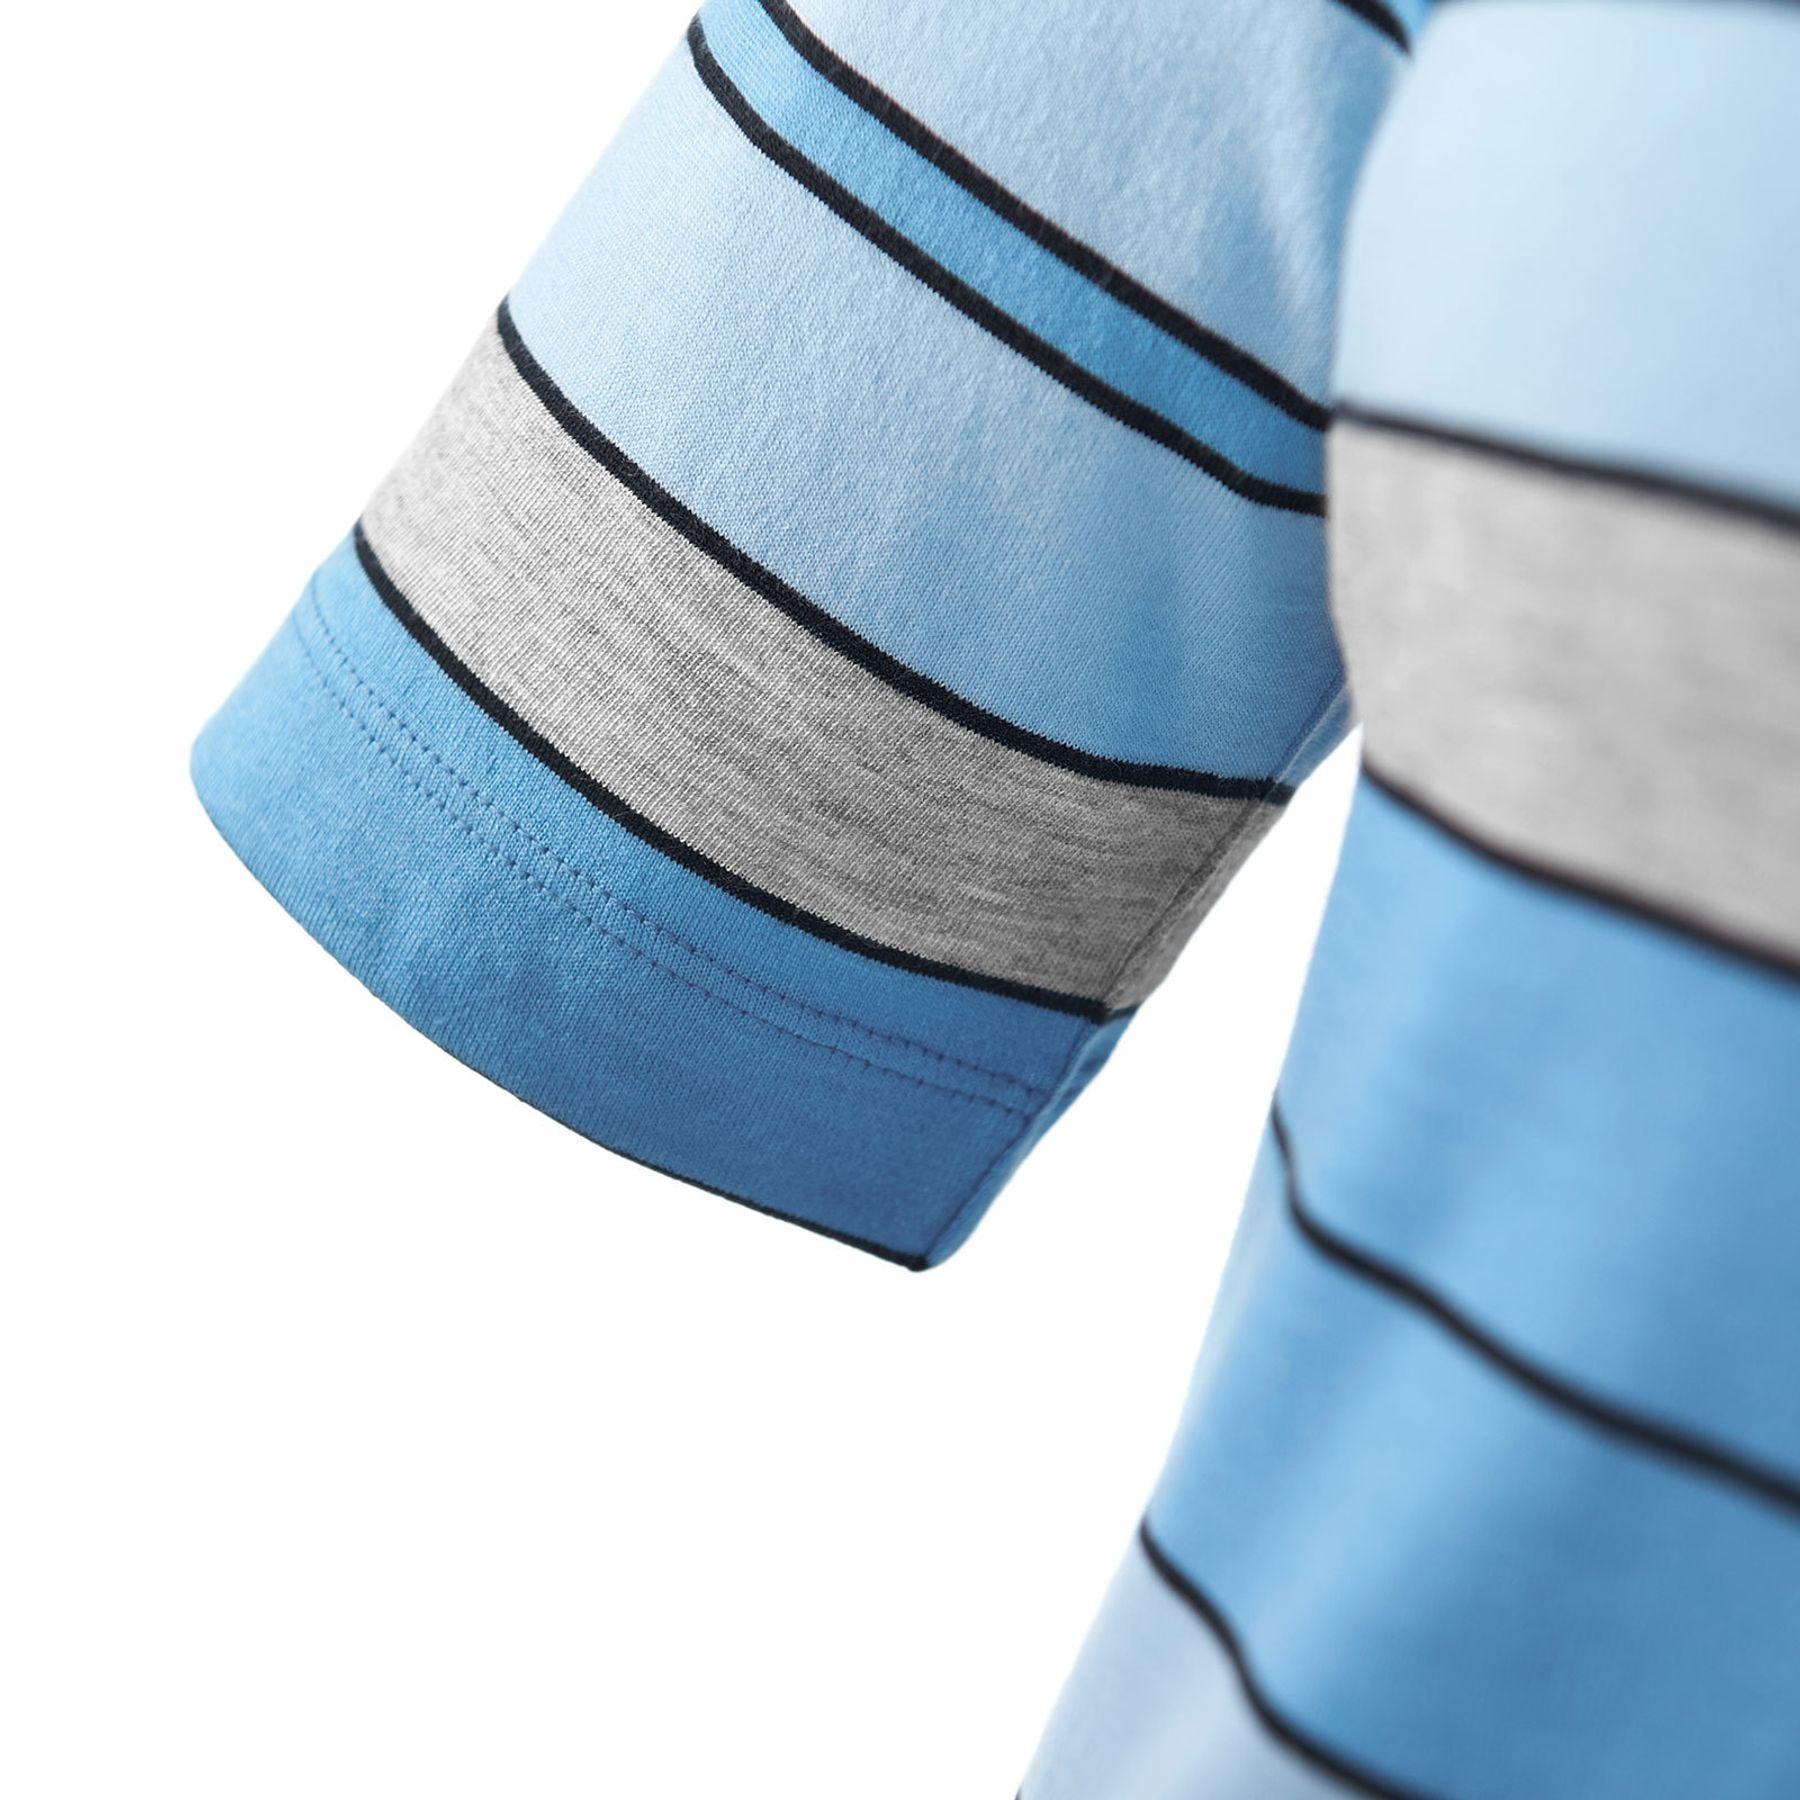 Joy - Damen Sport und Freizeit Shirt im Streifenmuster, Witta (30191) – Bild 14